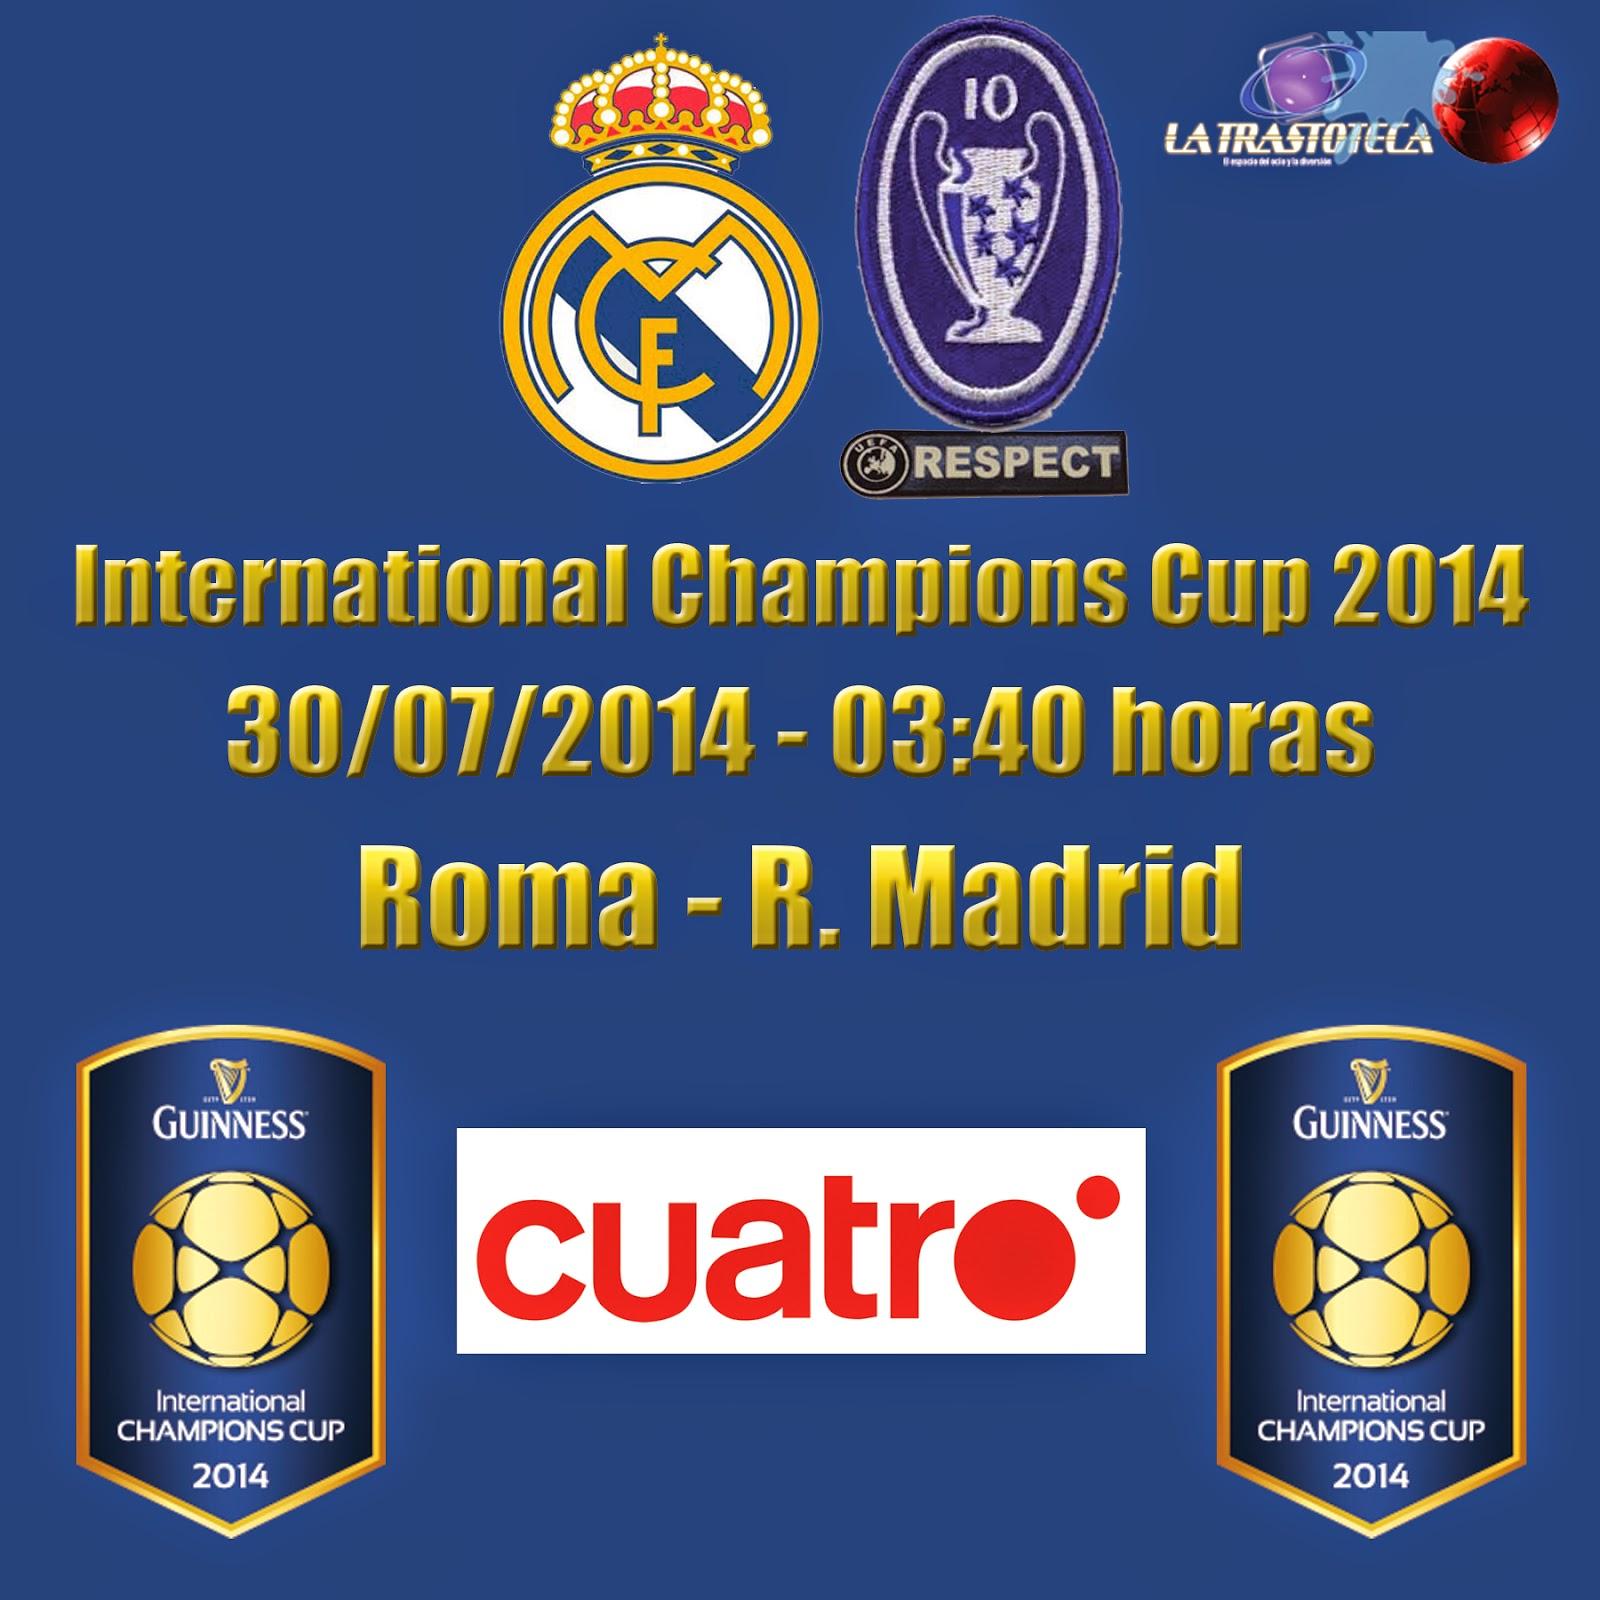 Roma - Real Madrid. ICC 2014 - 30/07/2014 - 03:40 - Cuatro